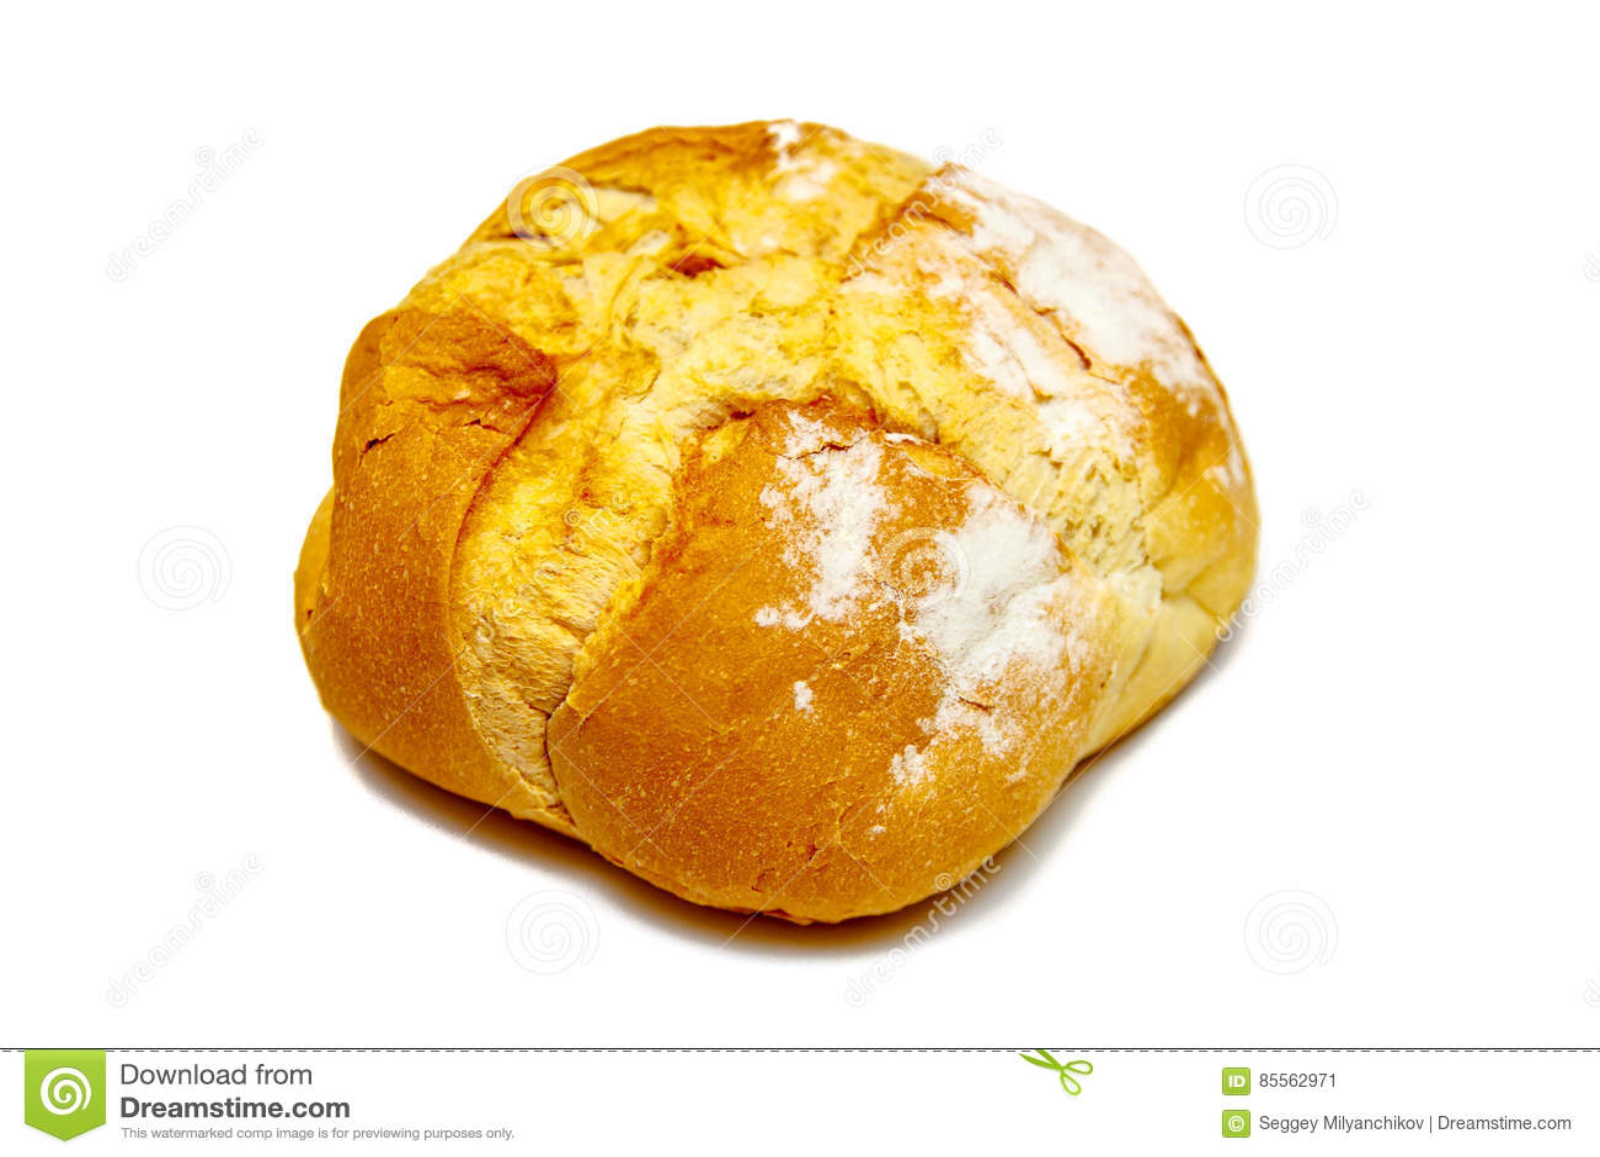 Hemlagat runt bröd från vetemjöl som isoleras